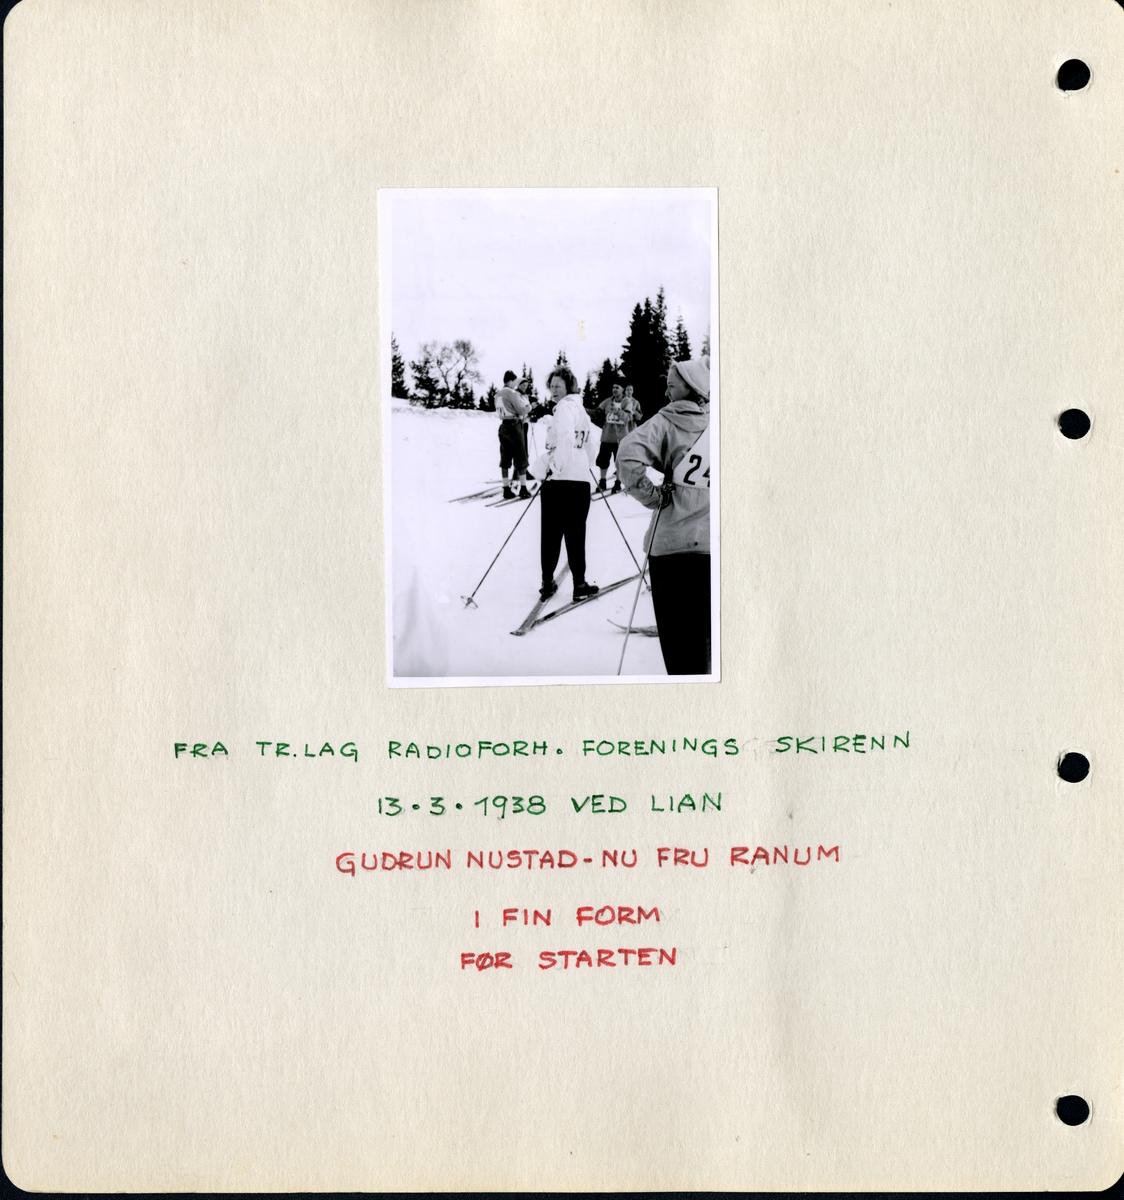 """Fra familiealbum. Gudrun Ranum stiller til start i skirenn. Fra Trøndelag Radioforhandlerforenings skirenn den 13/3-1938 ved Lian. Under fotgorafiet står det: """"Gudrun Nustutad- nu fru Ranum i fin form før starten"""". Hele betjeningen hos Olaf T. Ranum A/S var med."""